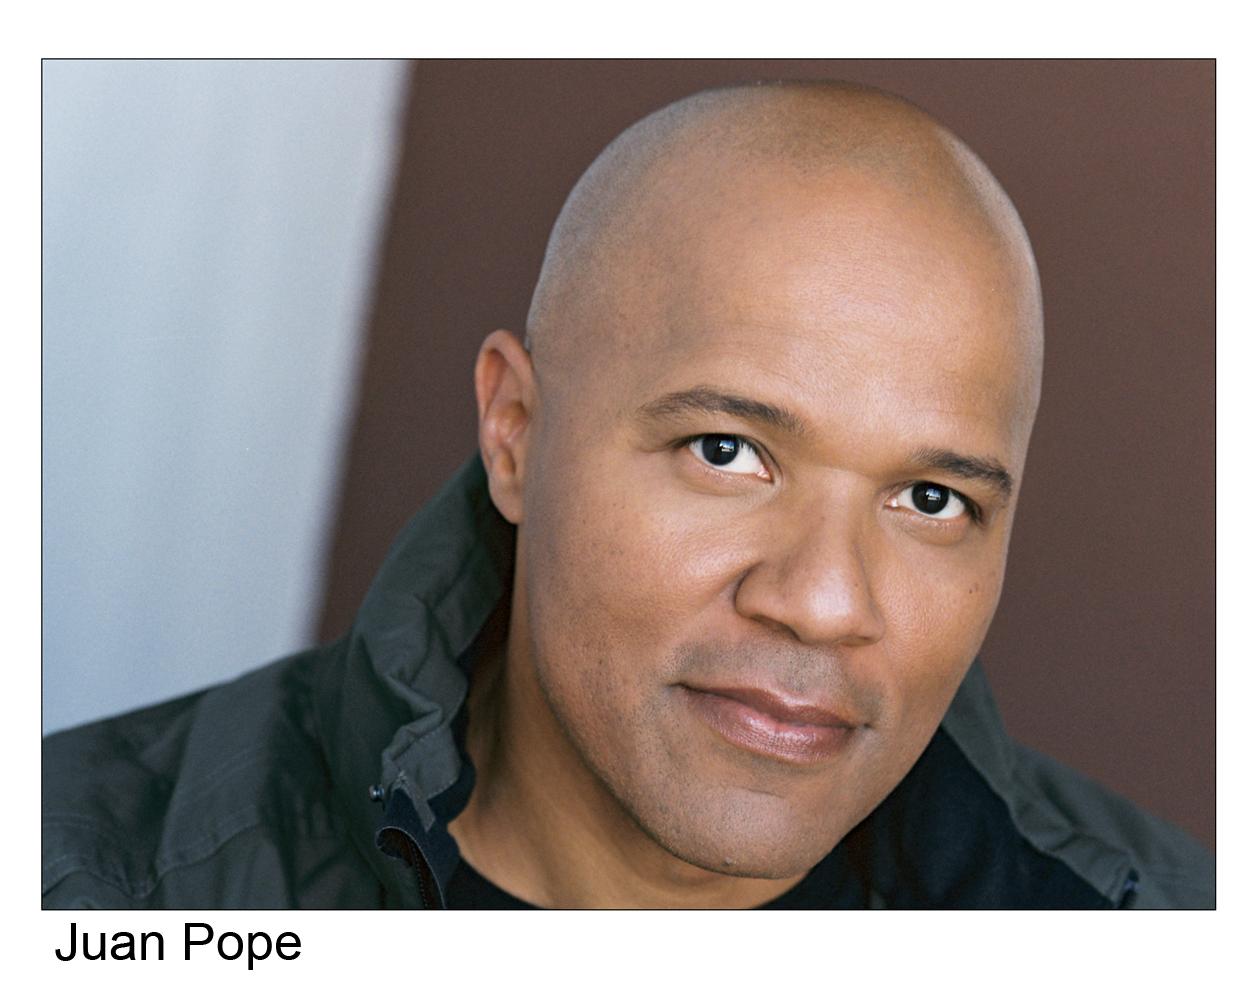 Juan Pope